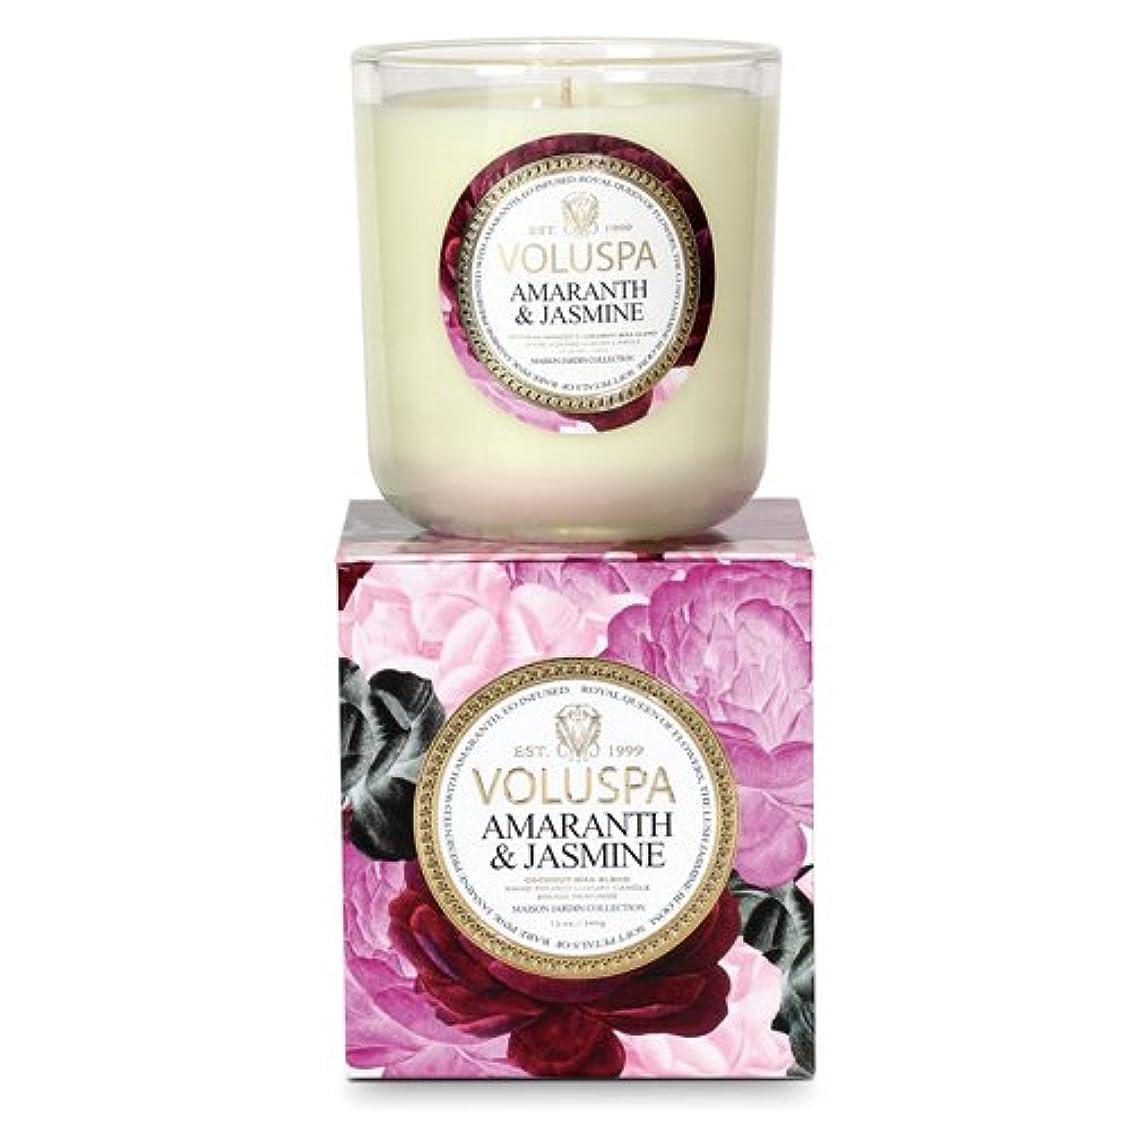 影響力のある悲惨容量Voluspa ボルスパ メゾンジャルダン ボックス入りグラスキャンドル アマランス&ジャスミン MAISON JARDIN Box Glass Candle AMARANTH & JASMINE